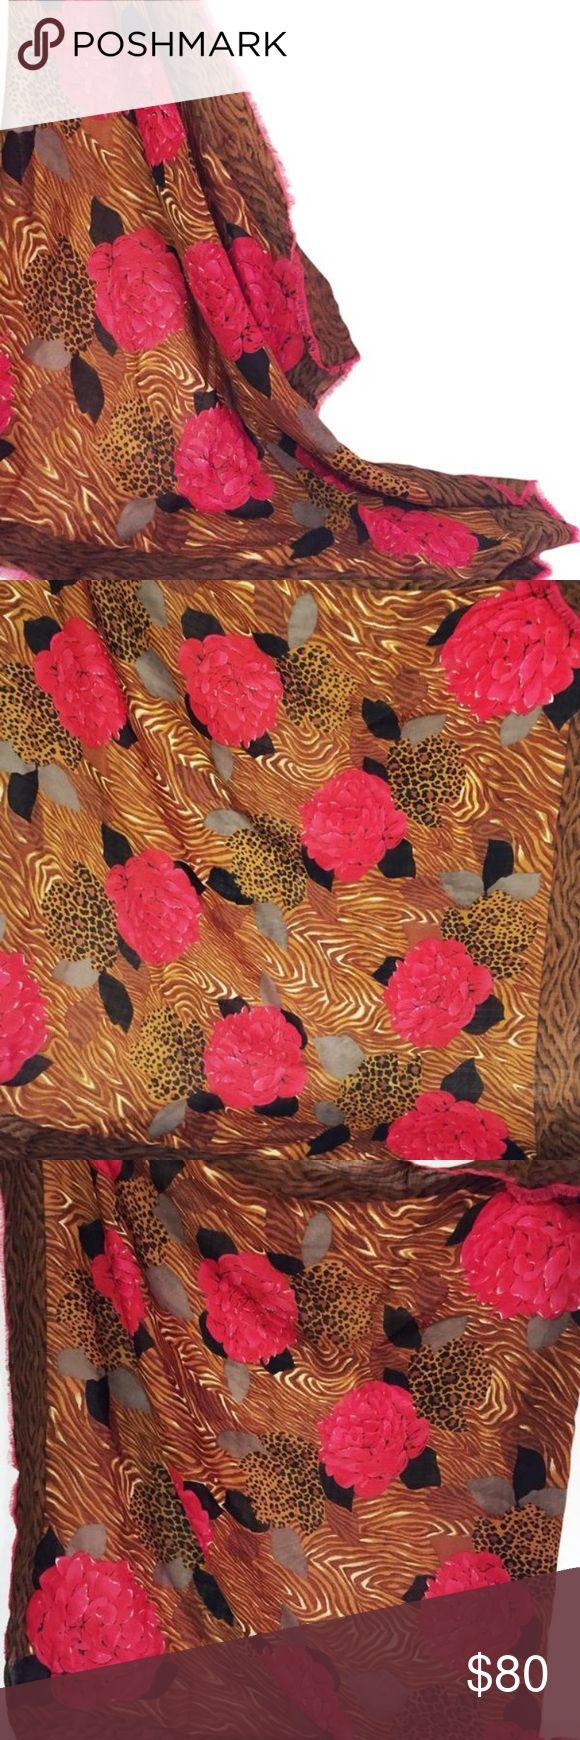 Oscar de la renta cheetah wool floral scarf wrap Oscar de la renta cheetah floral wool scarf Oscar de la Renta Accessories Scarves & Wraps